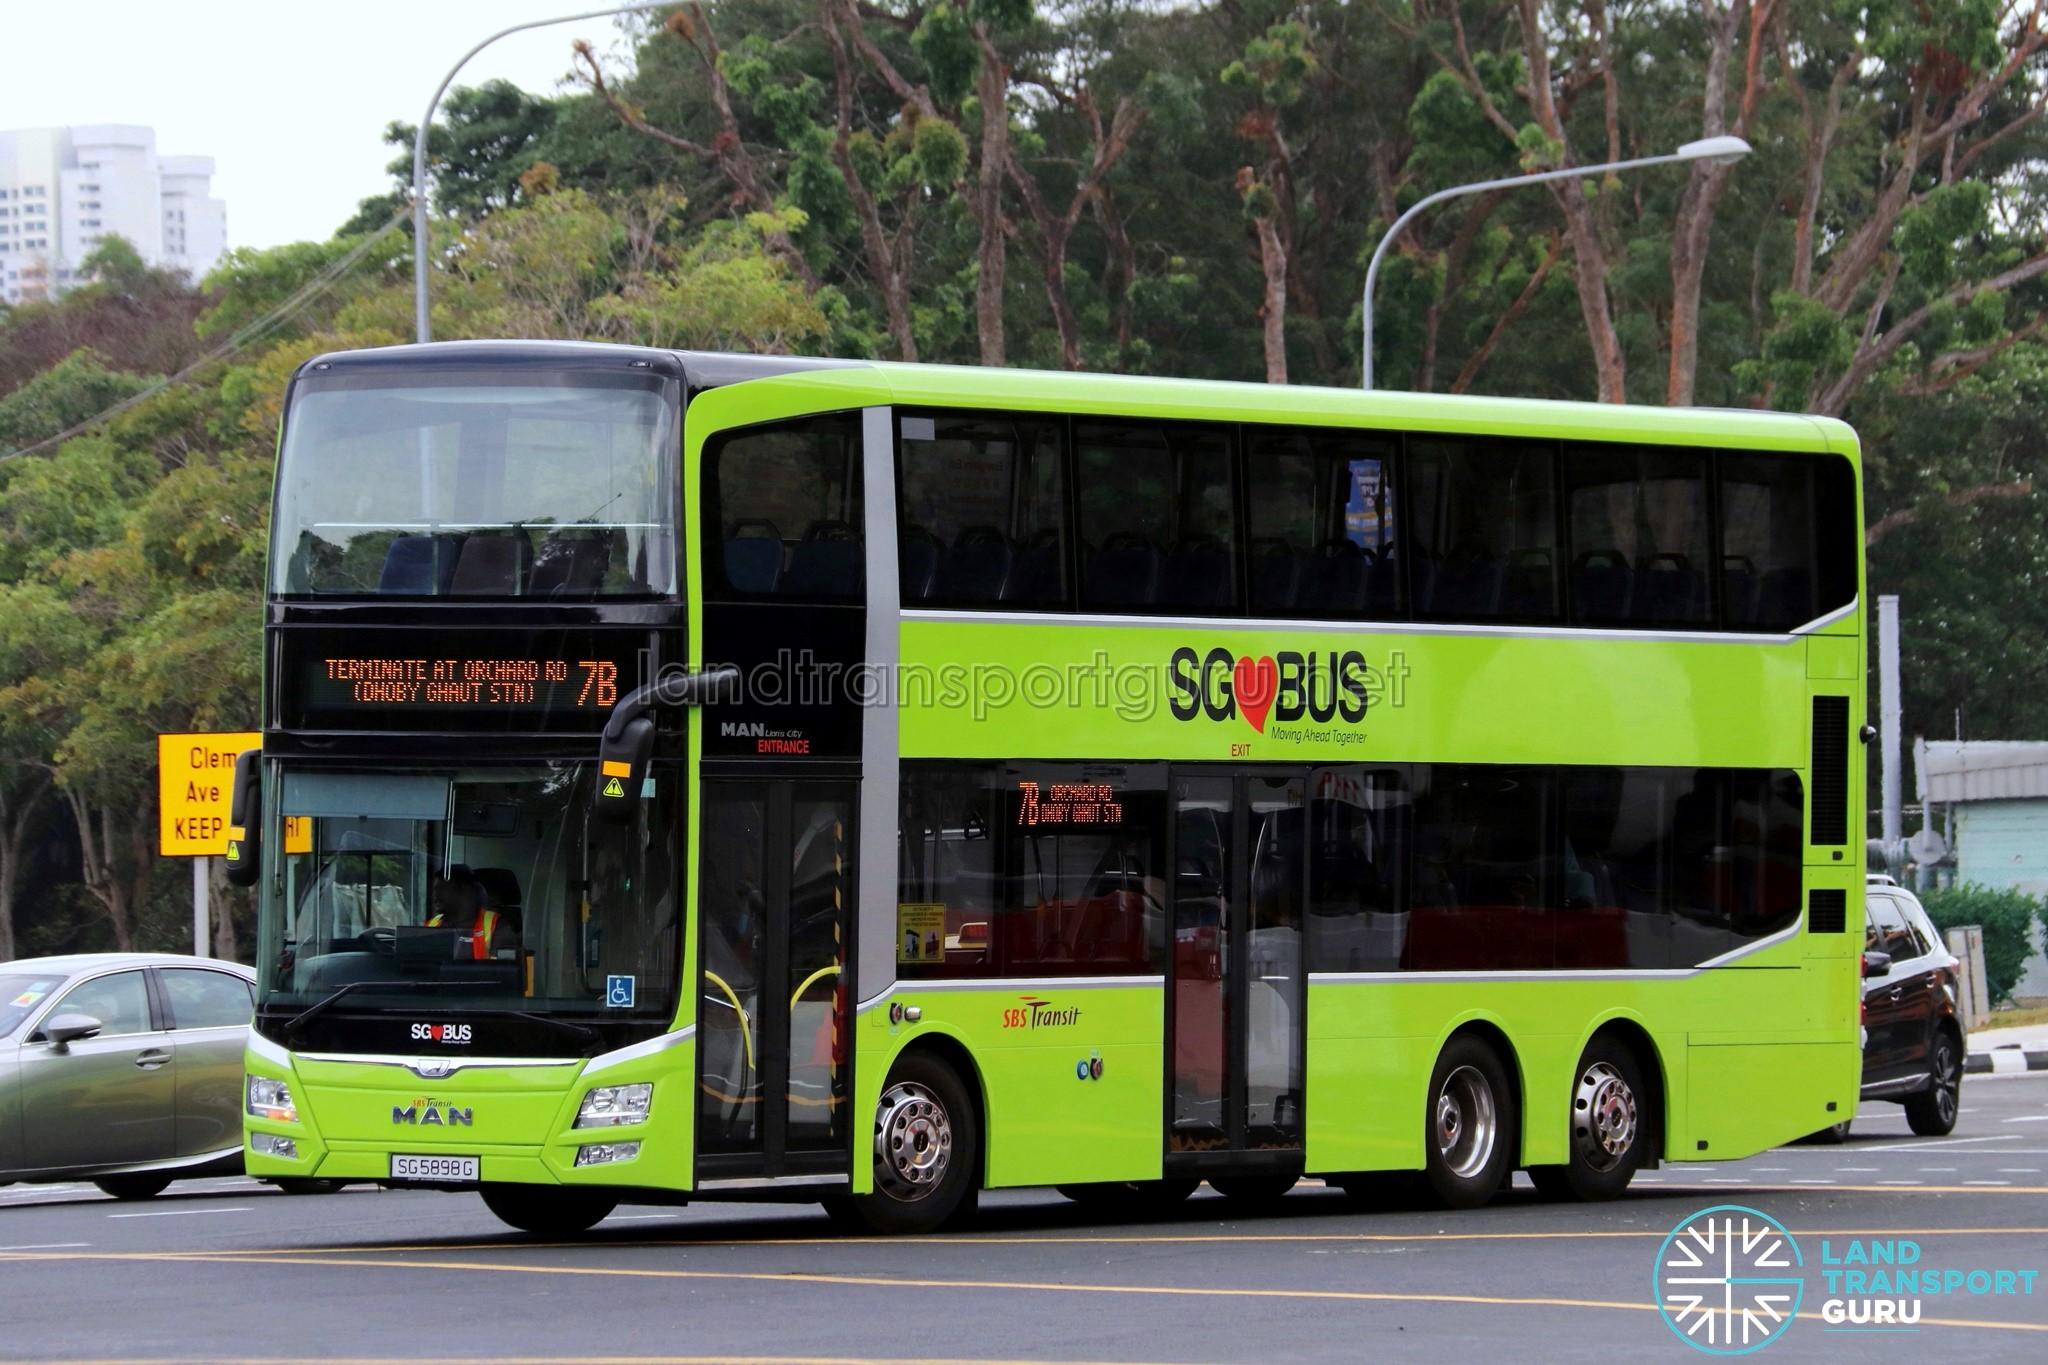 Sbs Transit Bus Service 7b Land Transport Guru